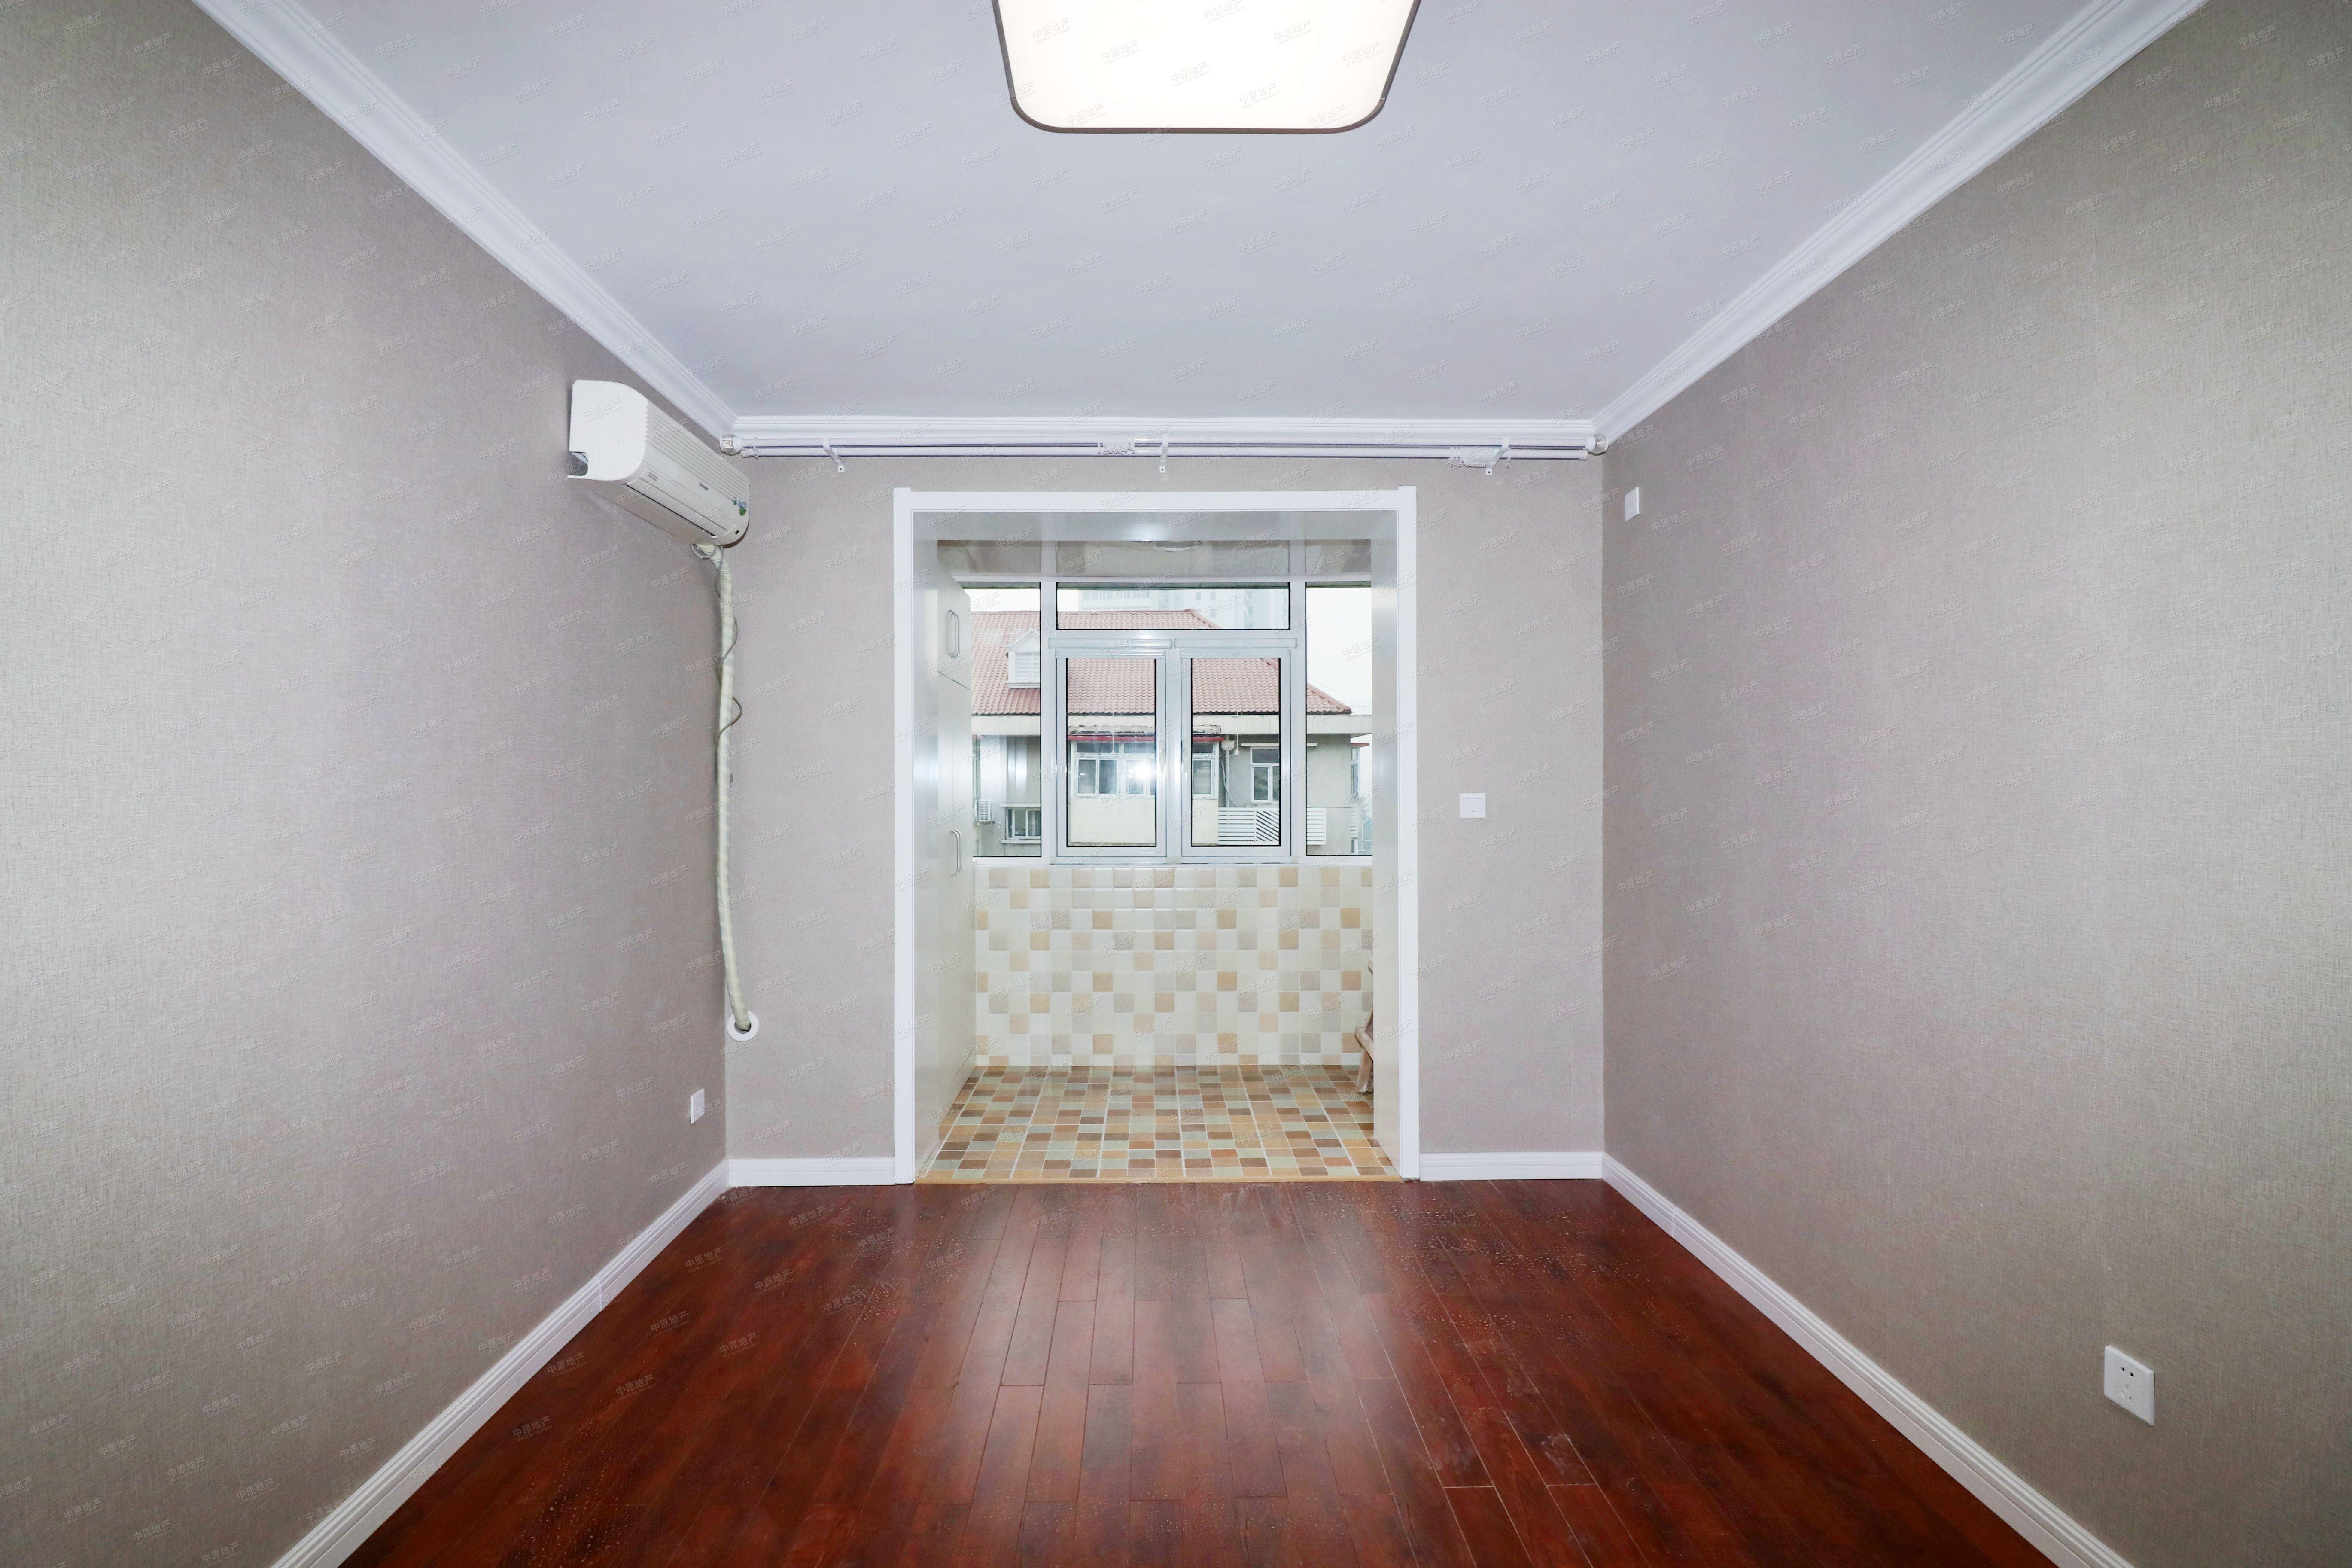 龙井里 2室1厅1卫 婚房适宜 小区中间位置,